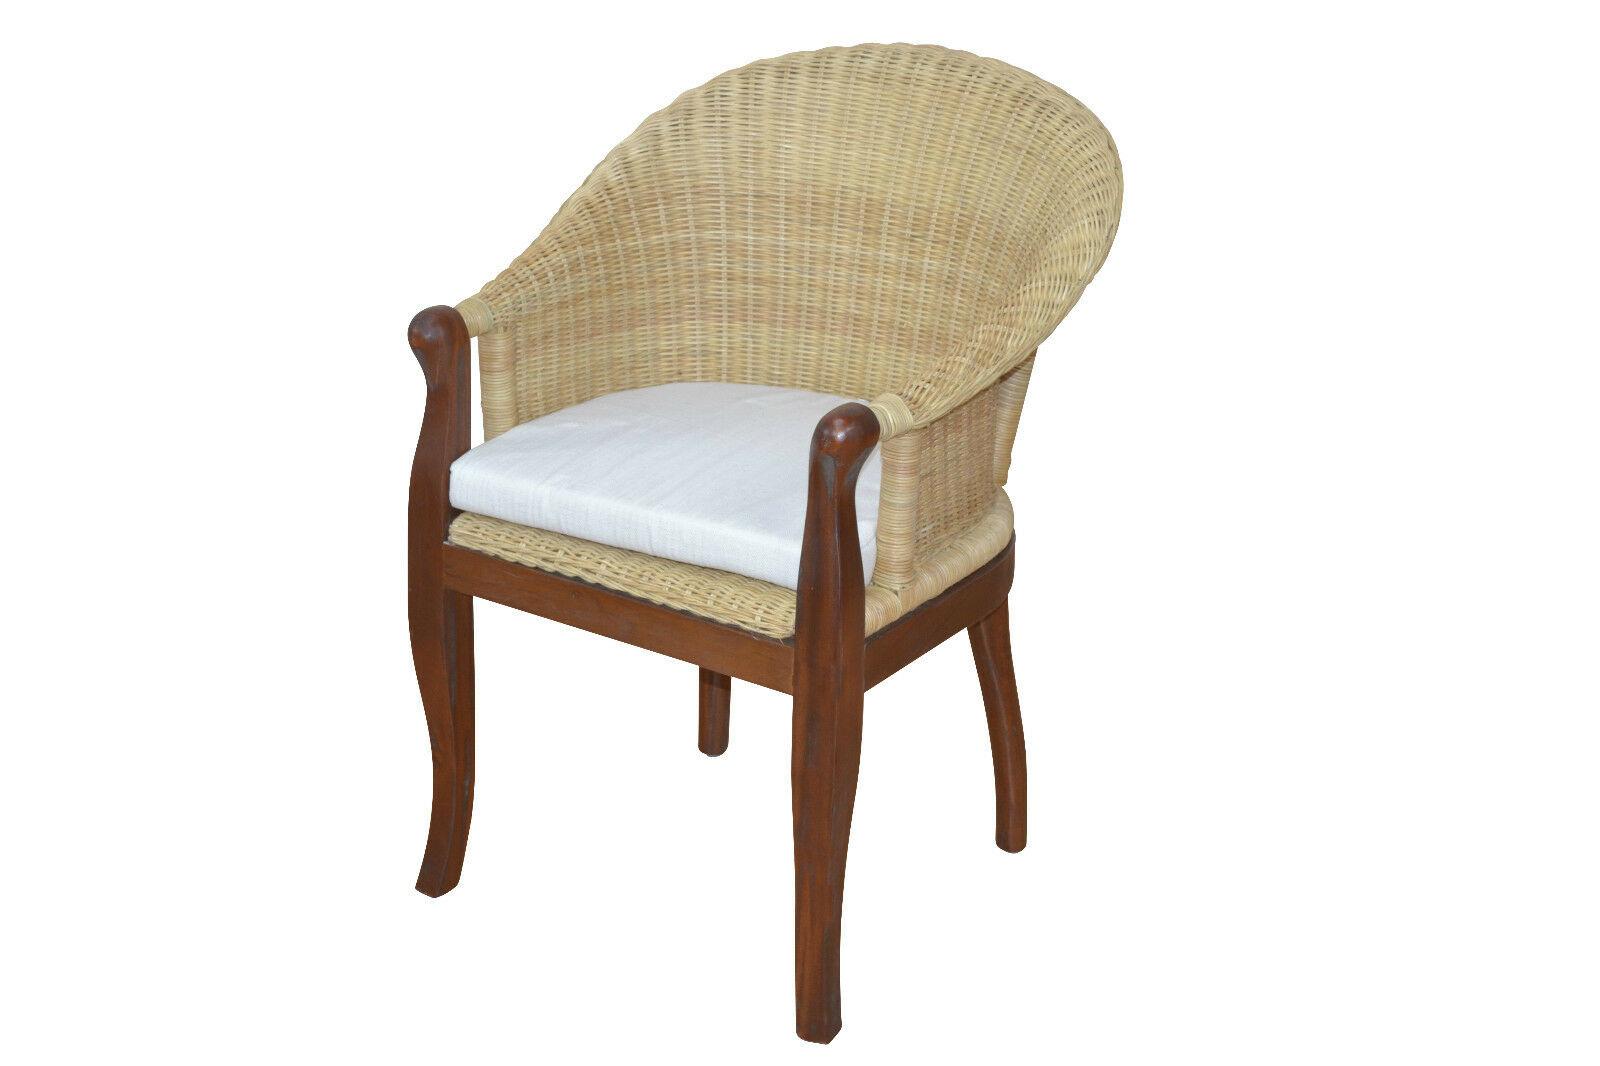 preiswerte sessel cool sessel houston i webstoff chrom. Black Bedroom Furniture Sets. Home Design Ideas